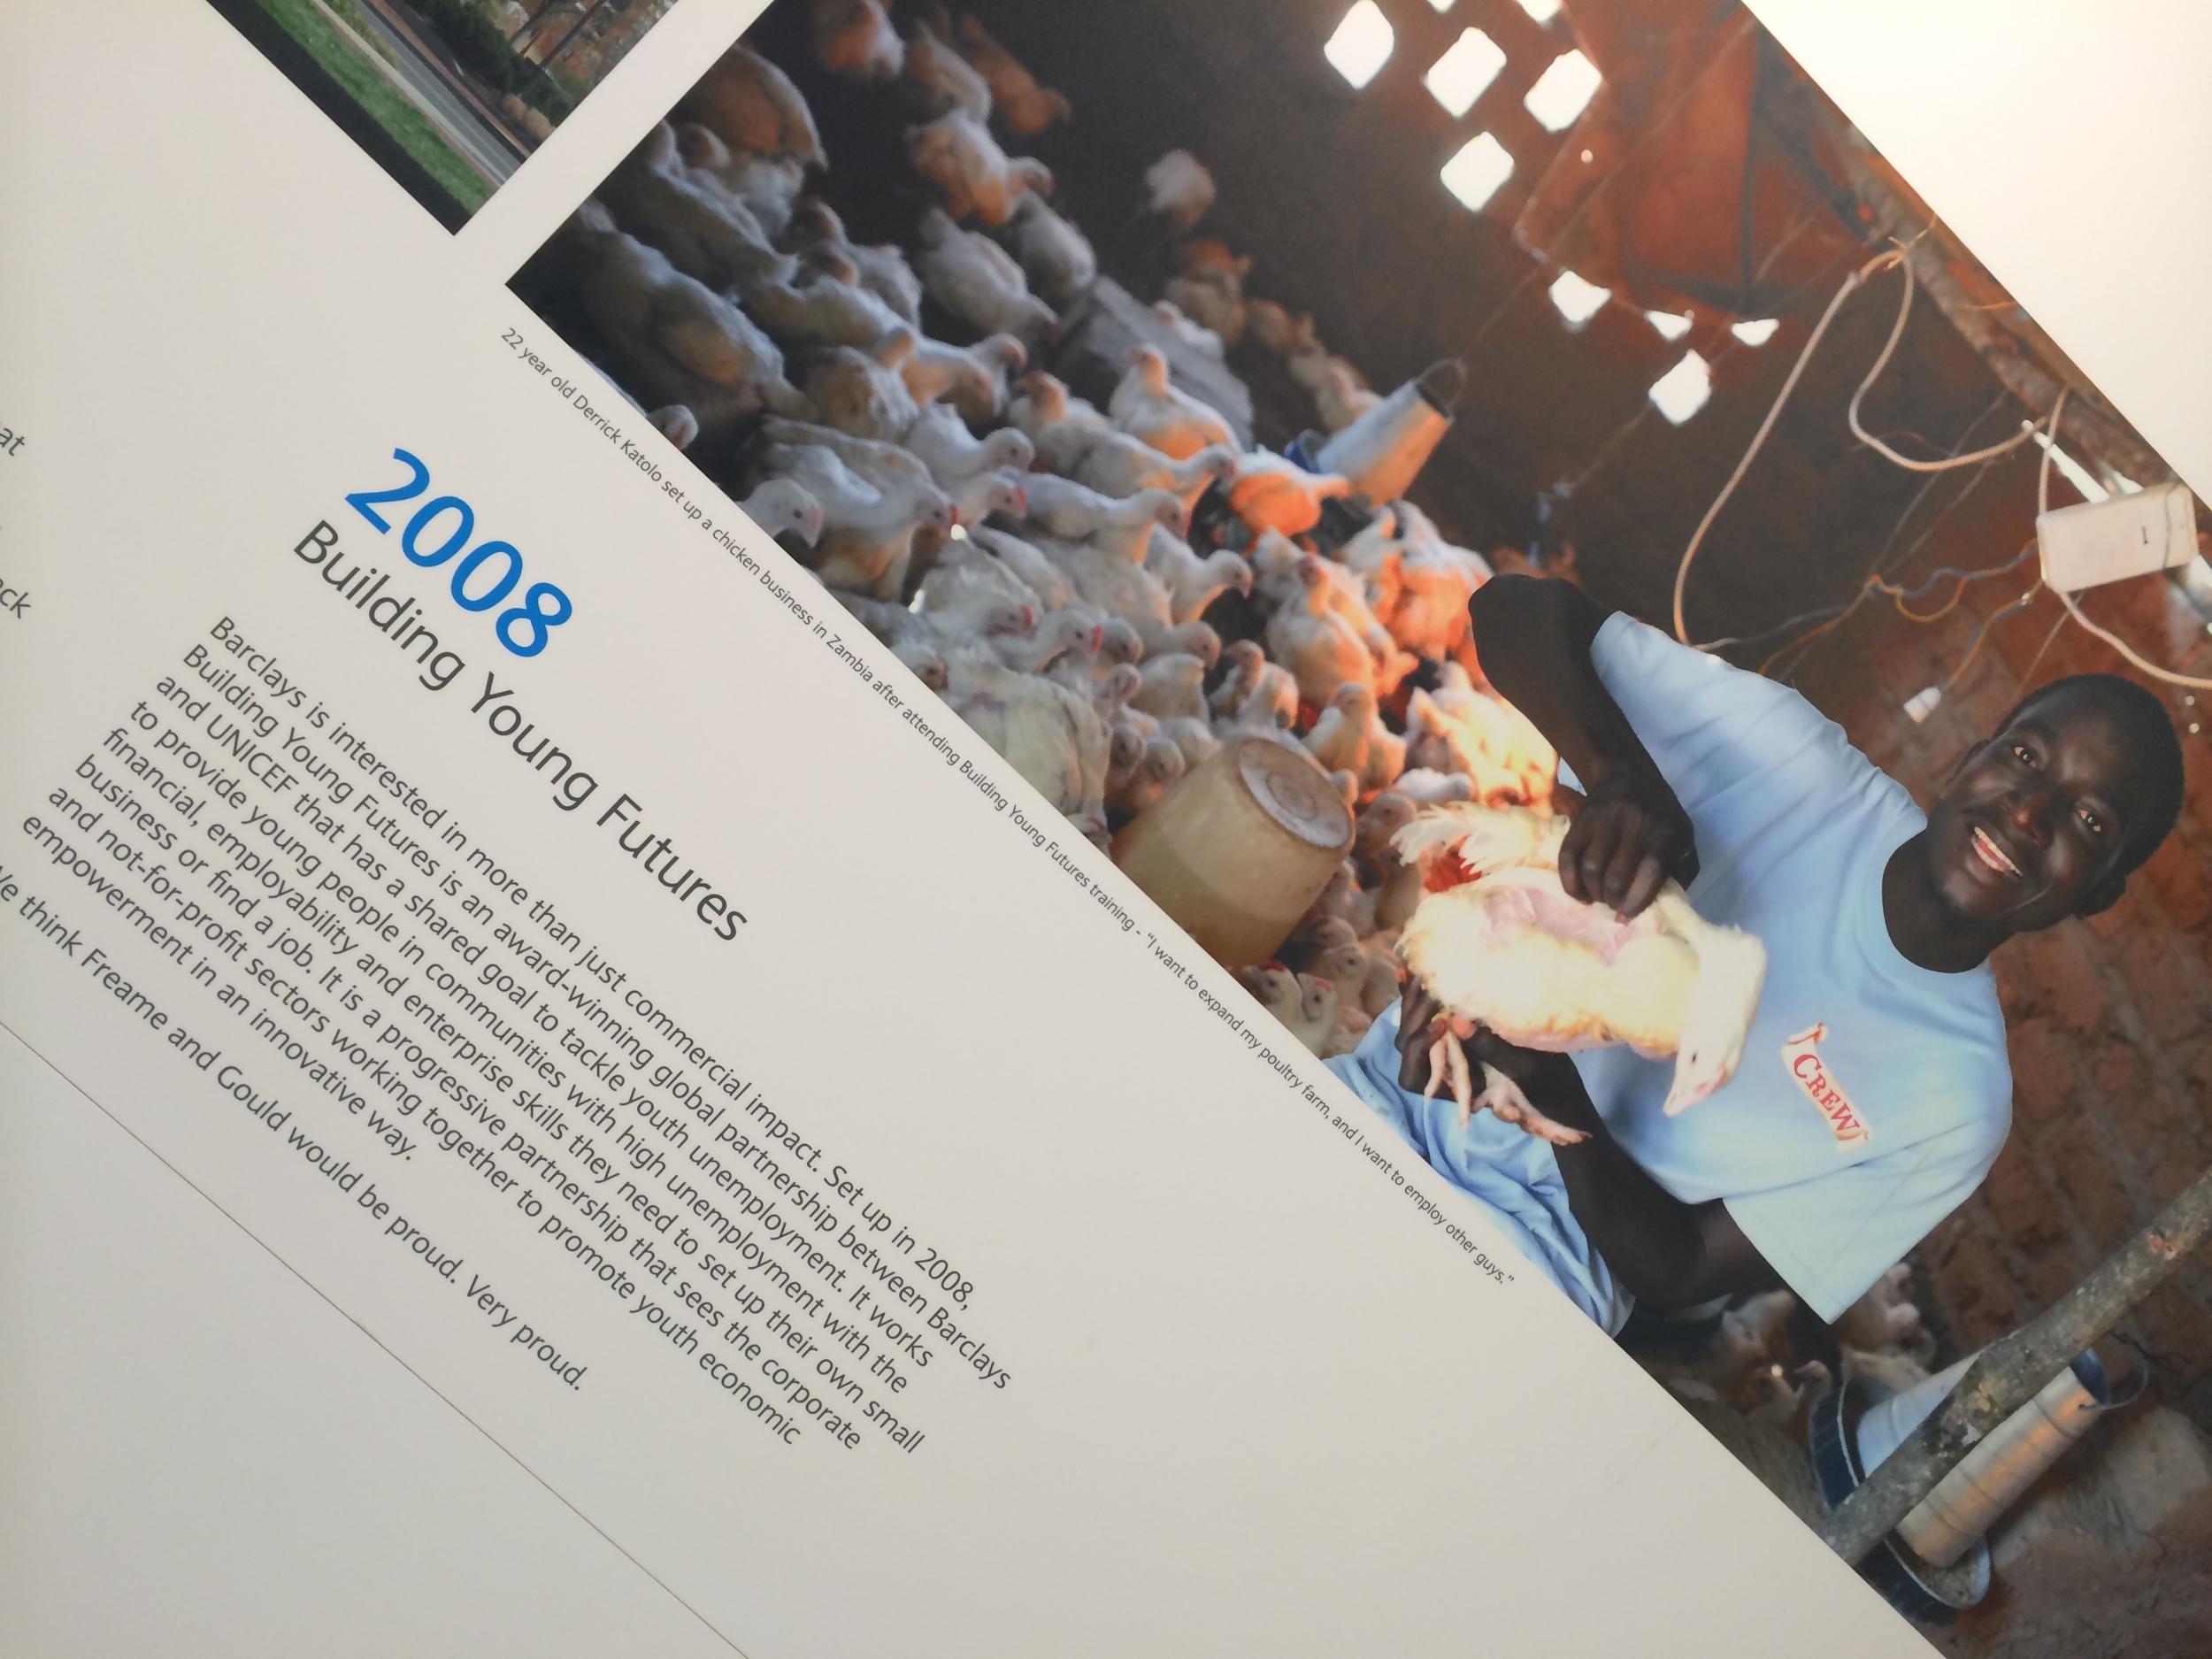 Barclays values expo (1).JPG